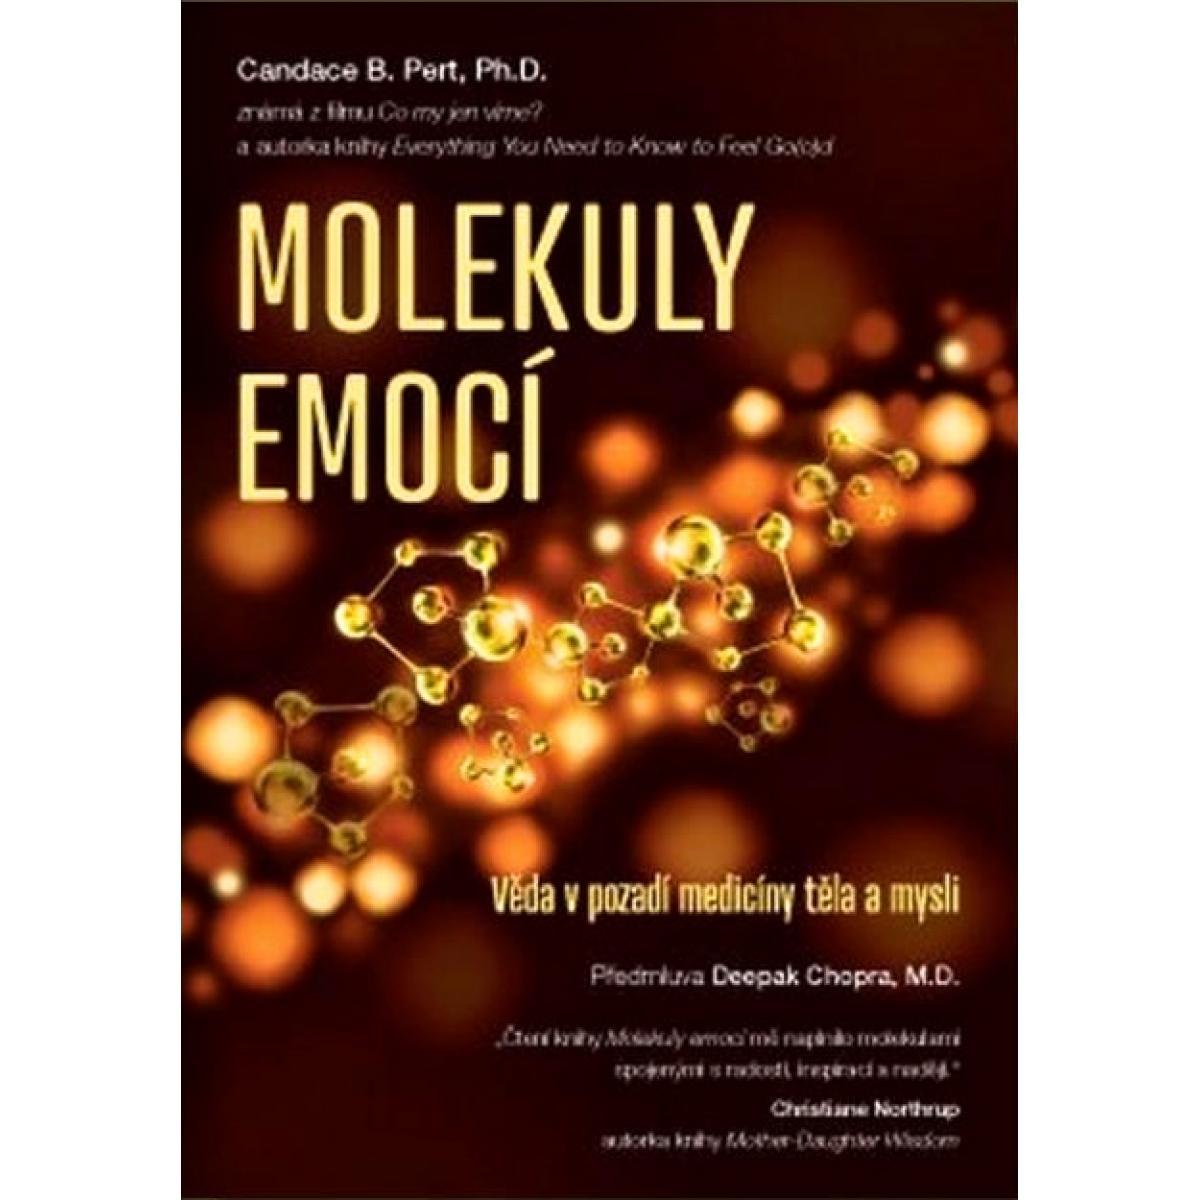 Molekuly emocí - věda v pozadí medicíny těla a mysli - Candace B. Pert, Ph.D.